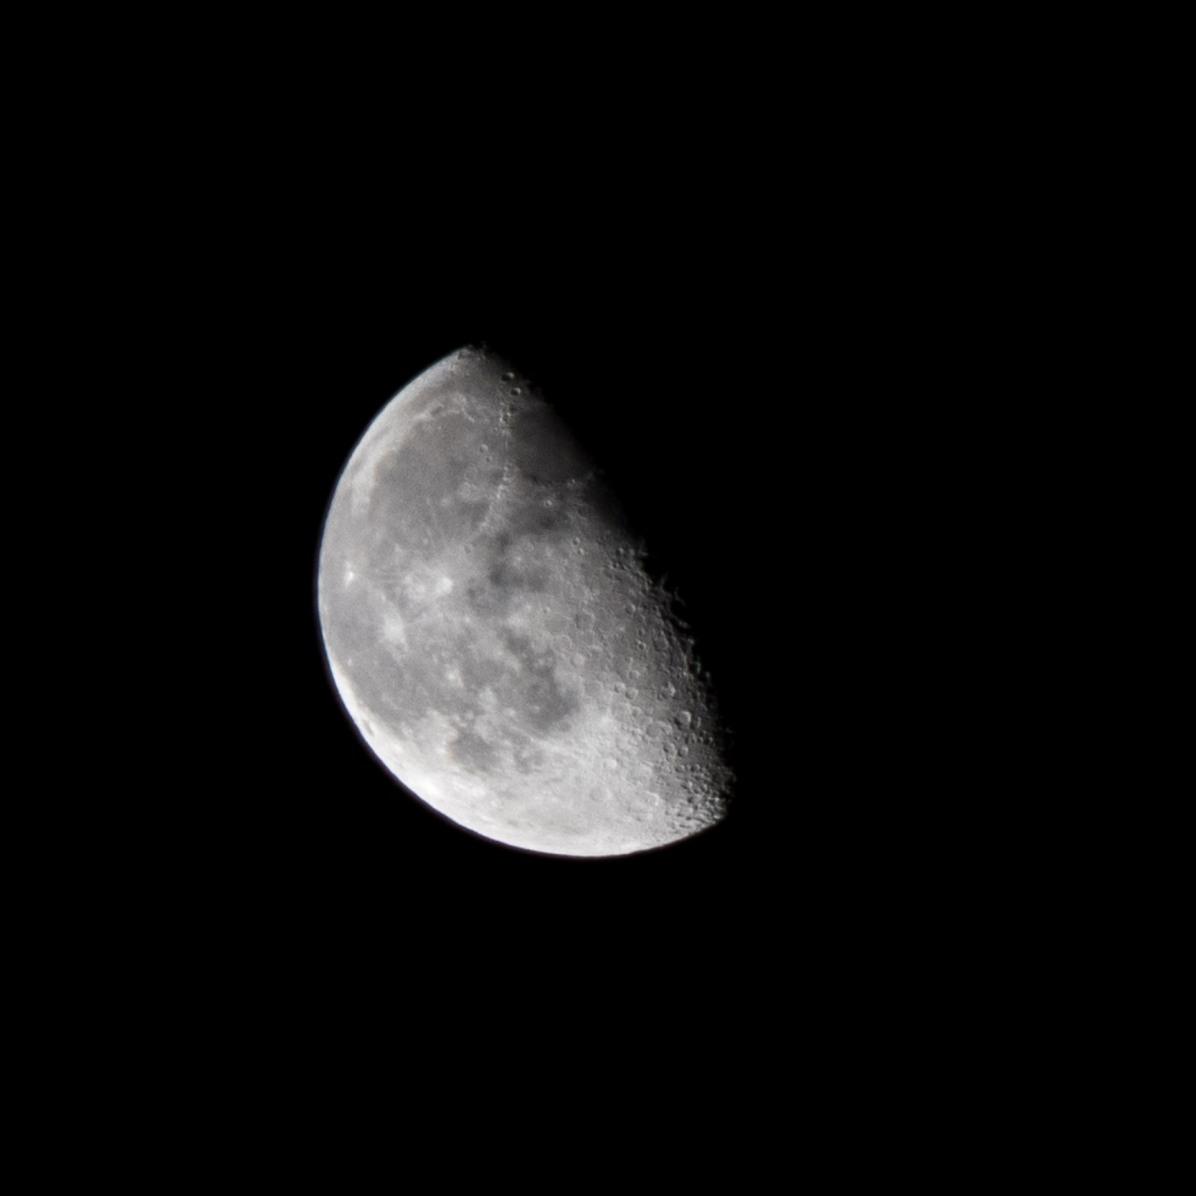 Afnemende maan, 25 februari 2019 tijdstip opname 04.16 uur. Maanopkomst --.-- uur Maanondergang 07.59 uur (Maan 6)